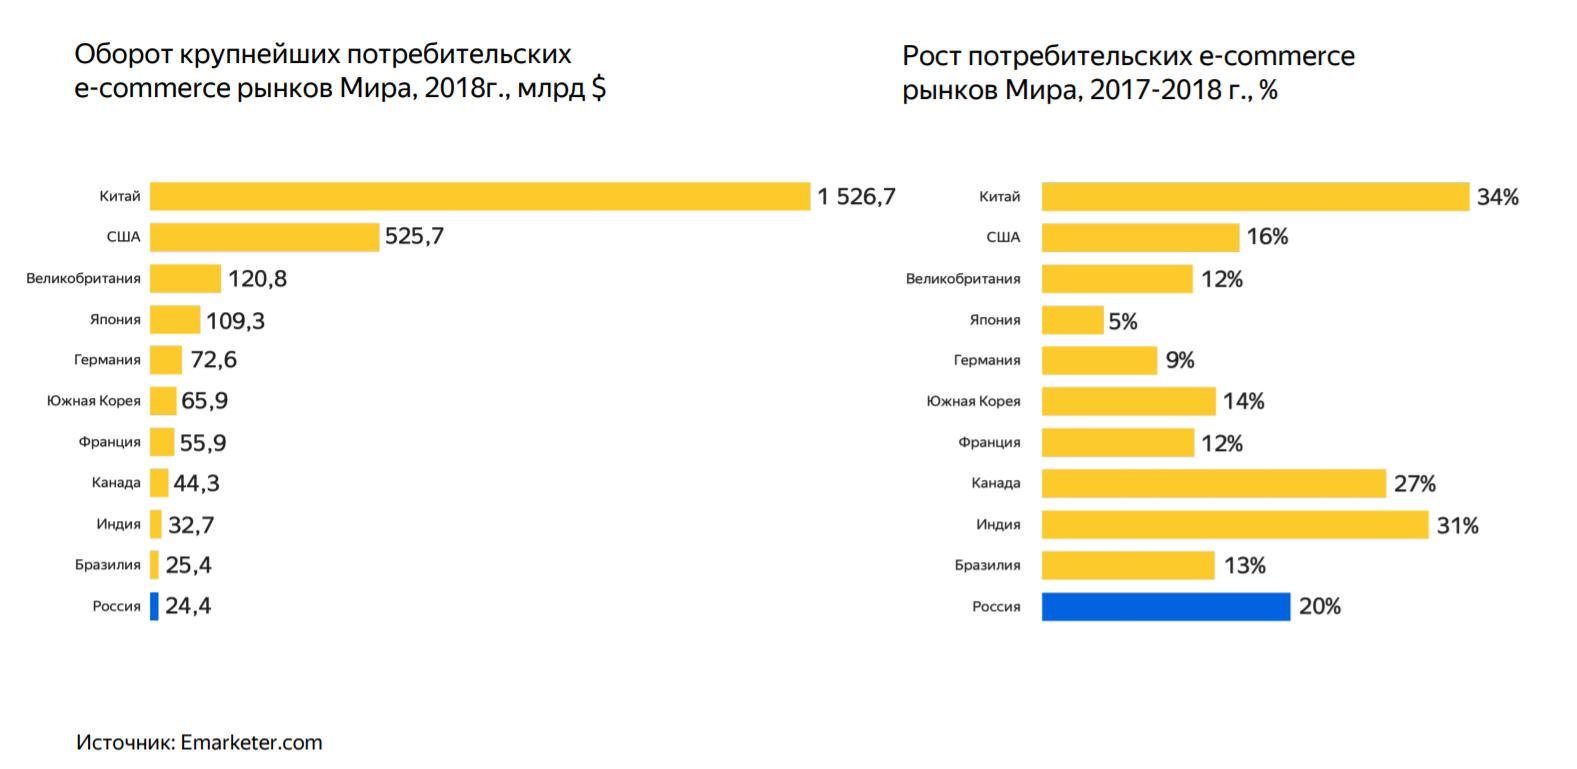 Темпы роста ecommerce в РФ